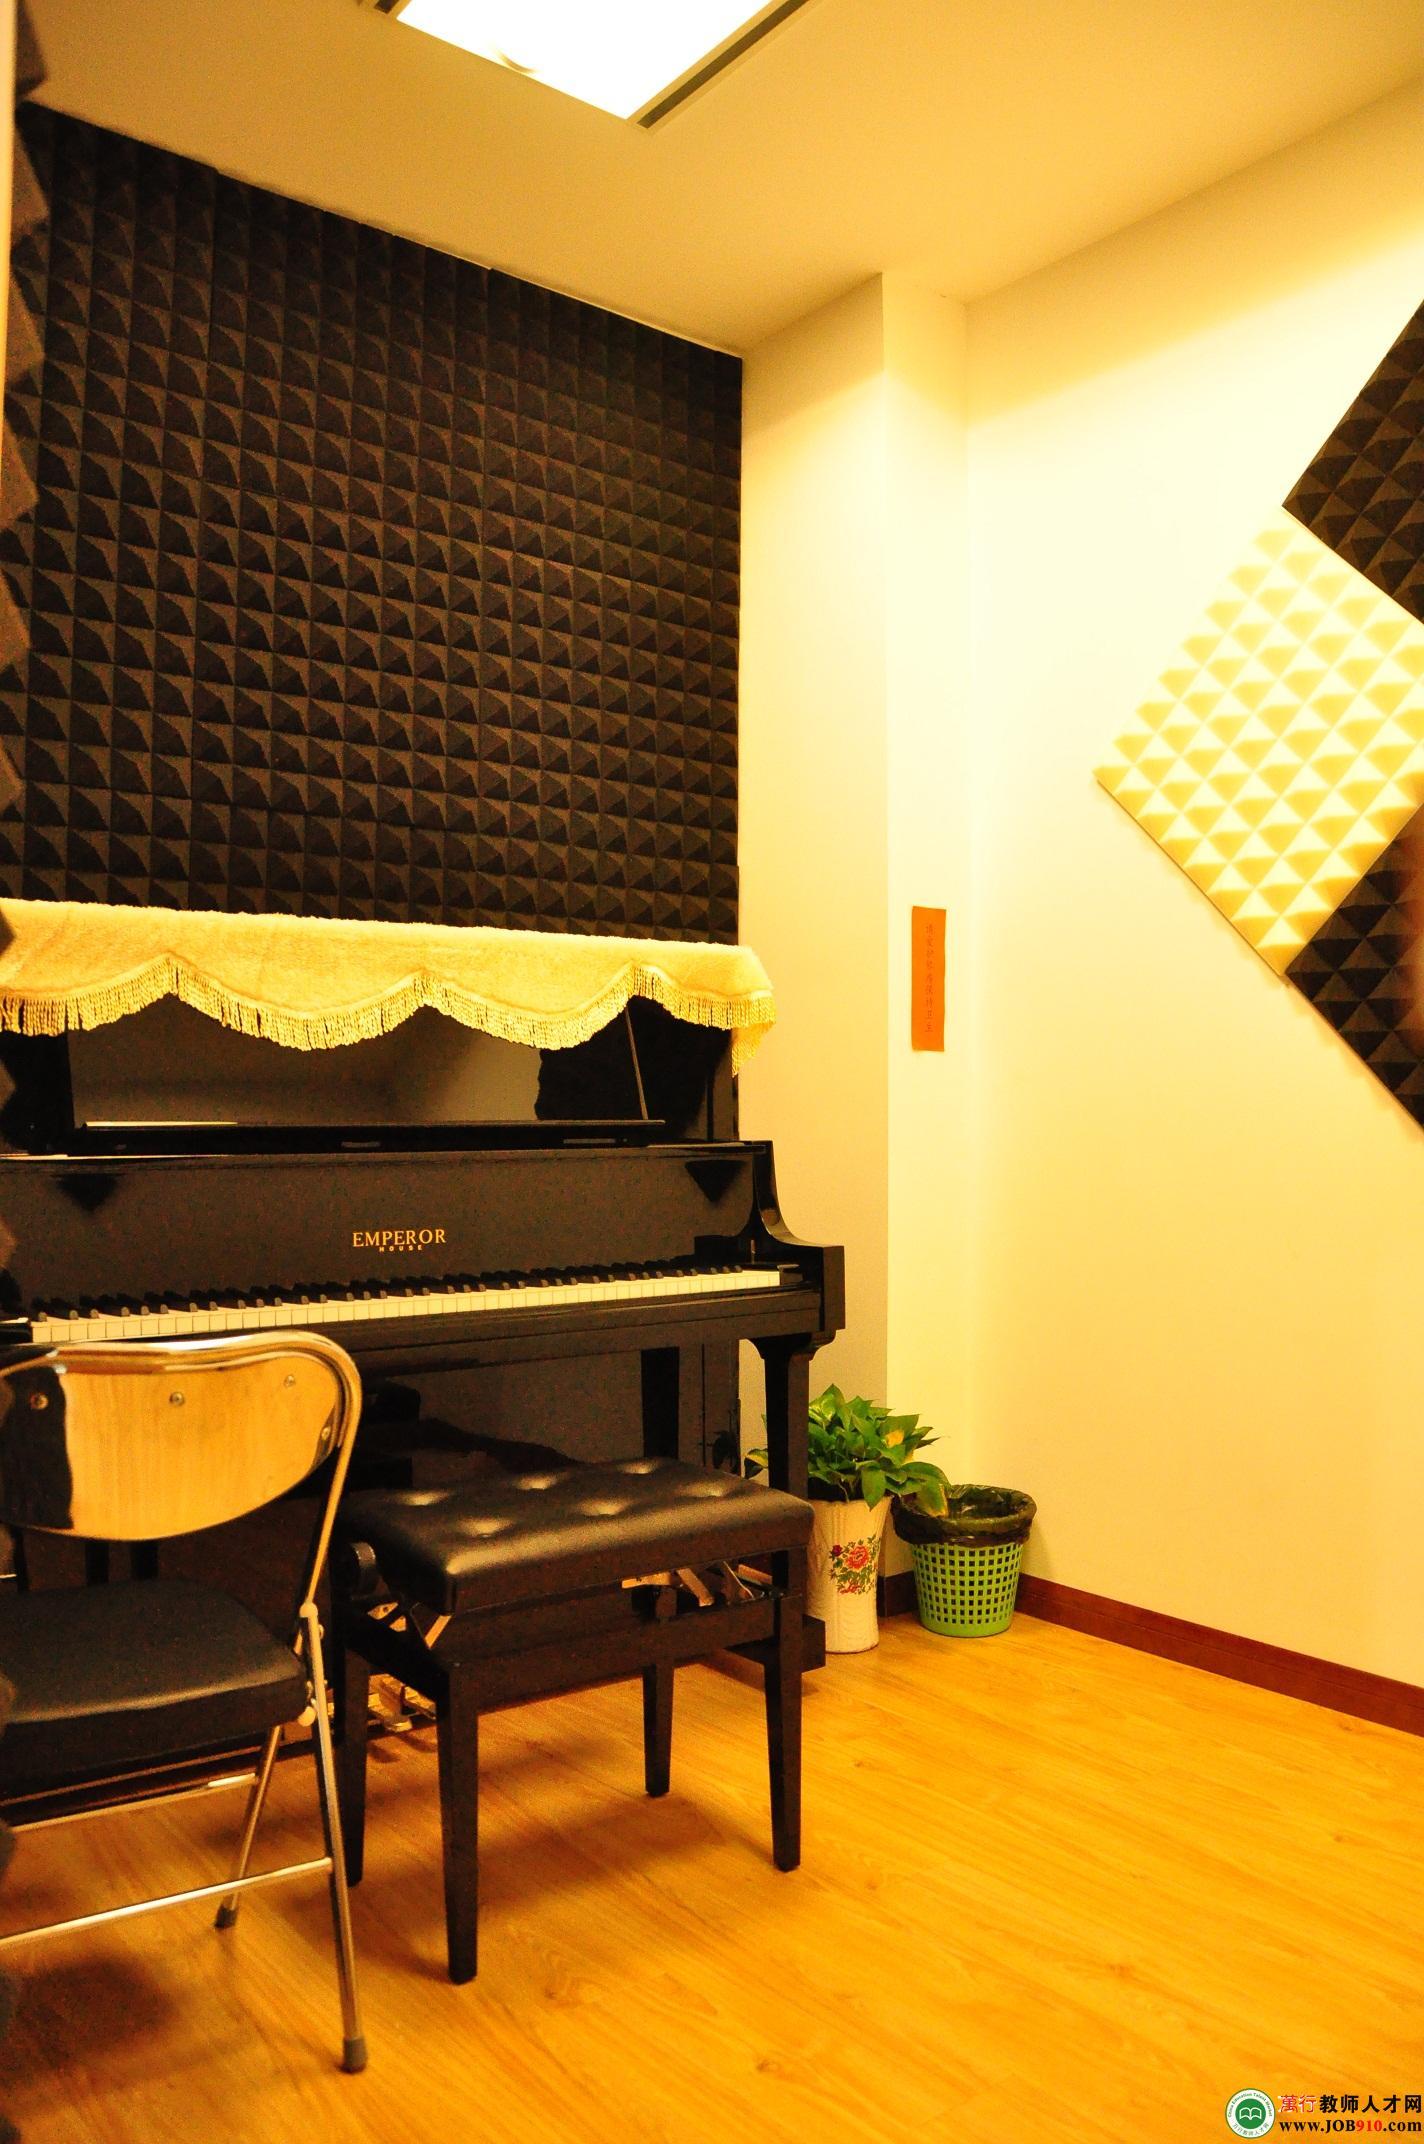 钢琴学校装修效果图 舞蹈教室装修效果图 舞蹈教室装修效